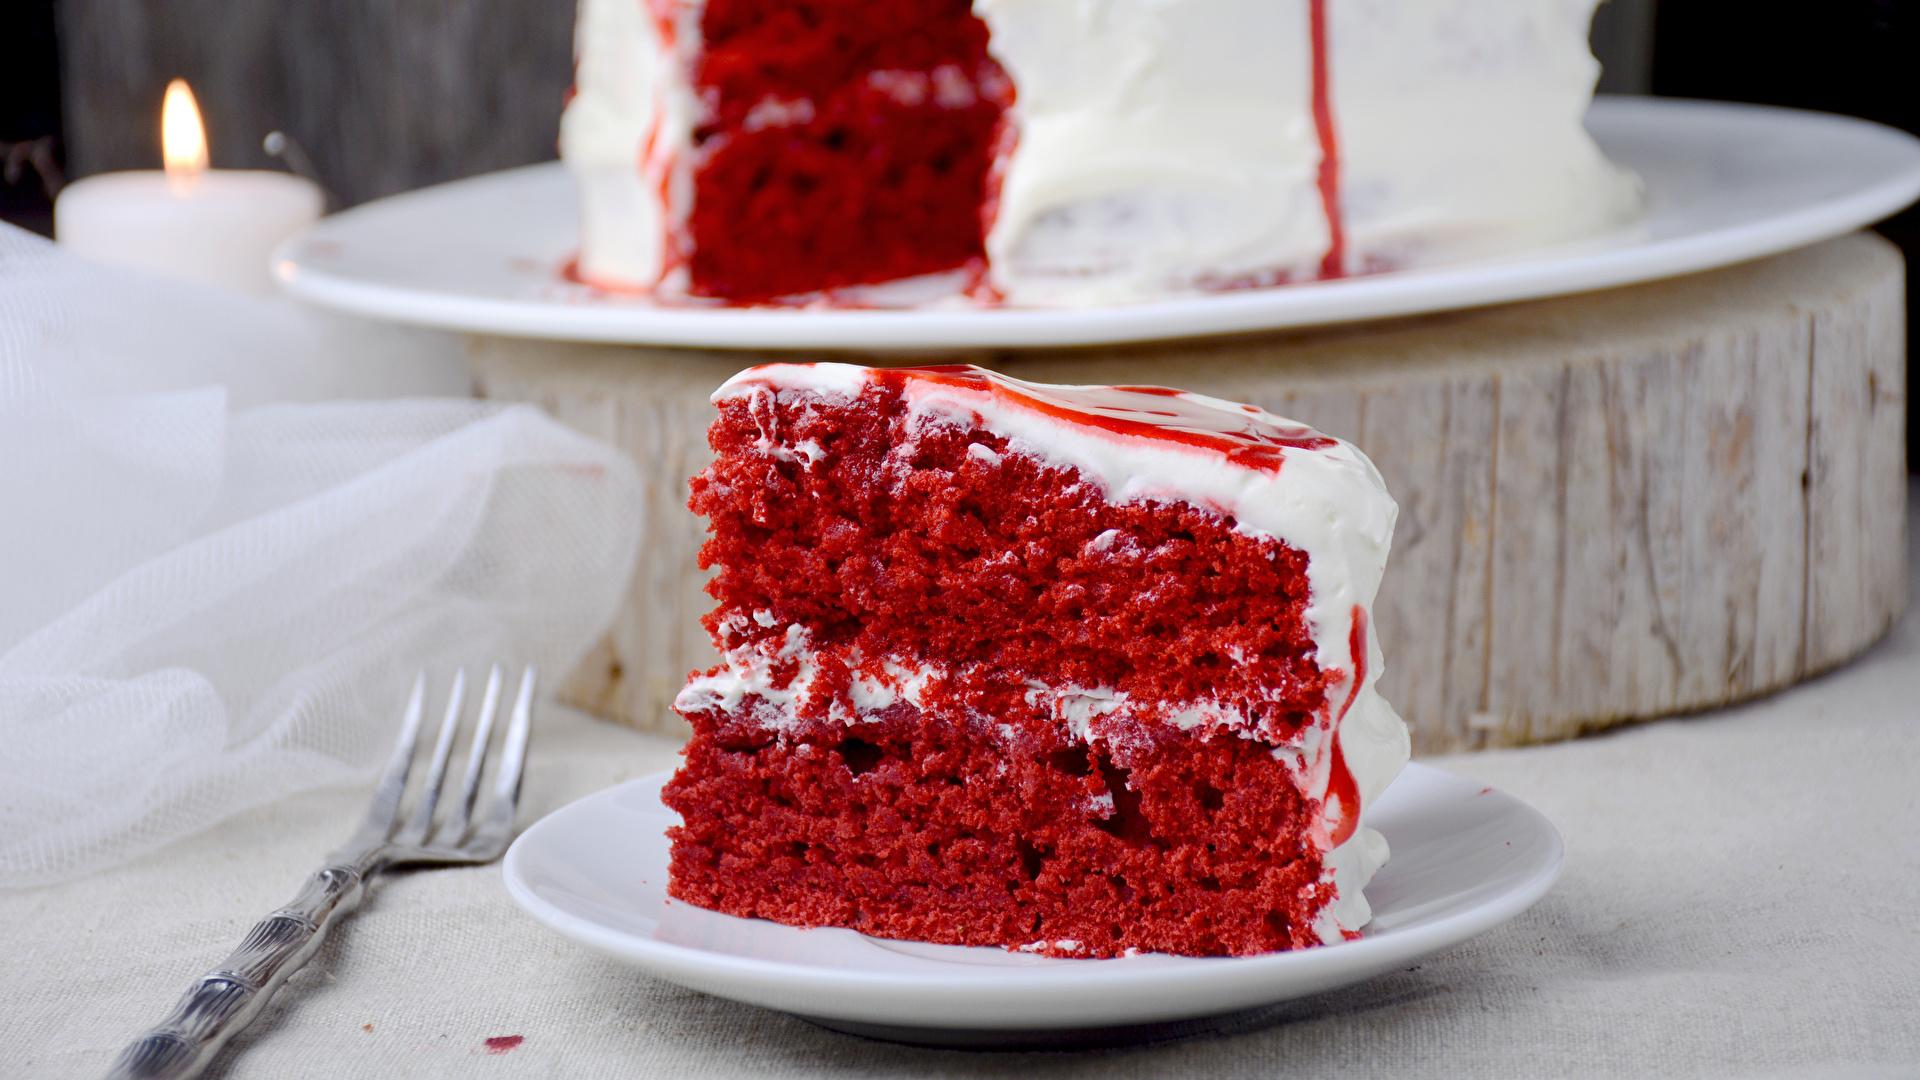 Картинки Торты красных кусочки Продукты питания 1920x1080 Красный красные красная часть Кусок кусочек Еда Пища